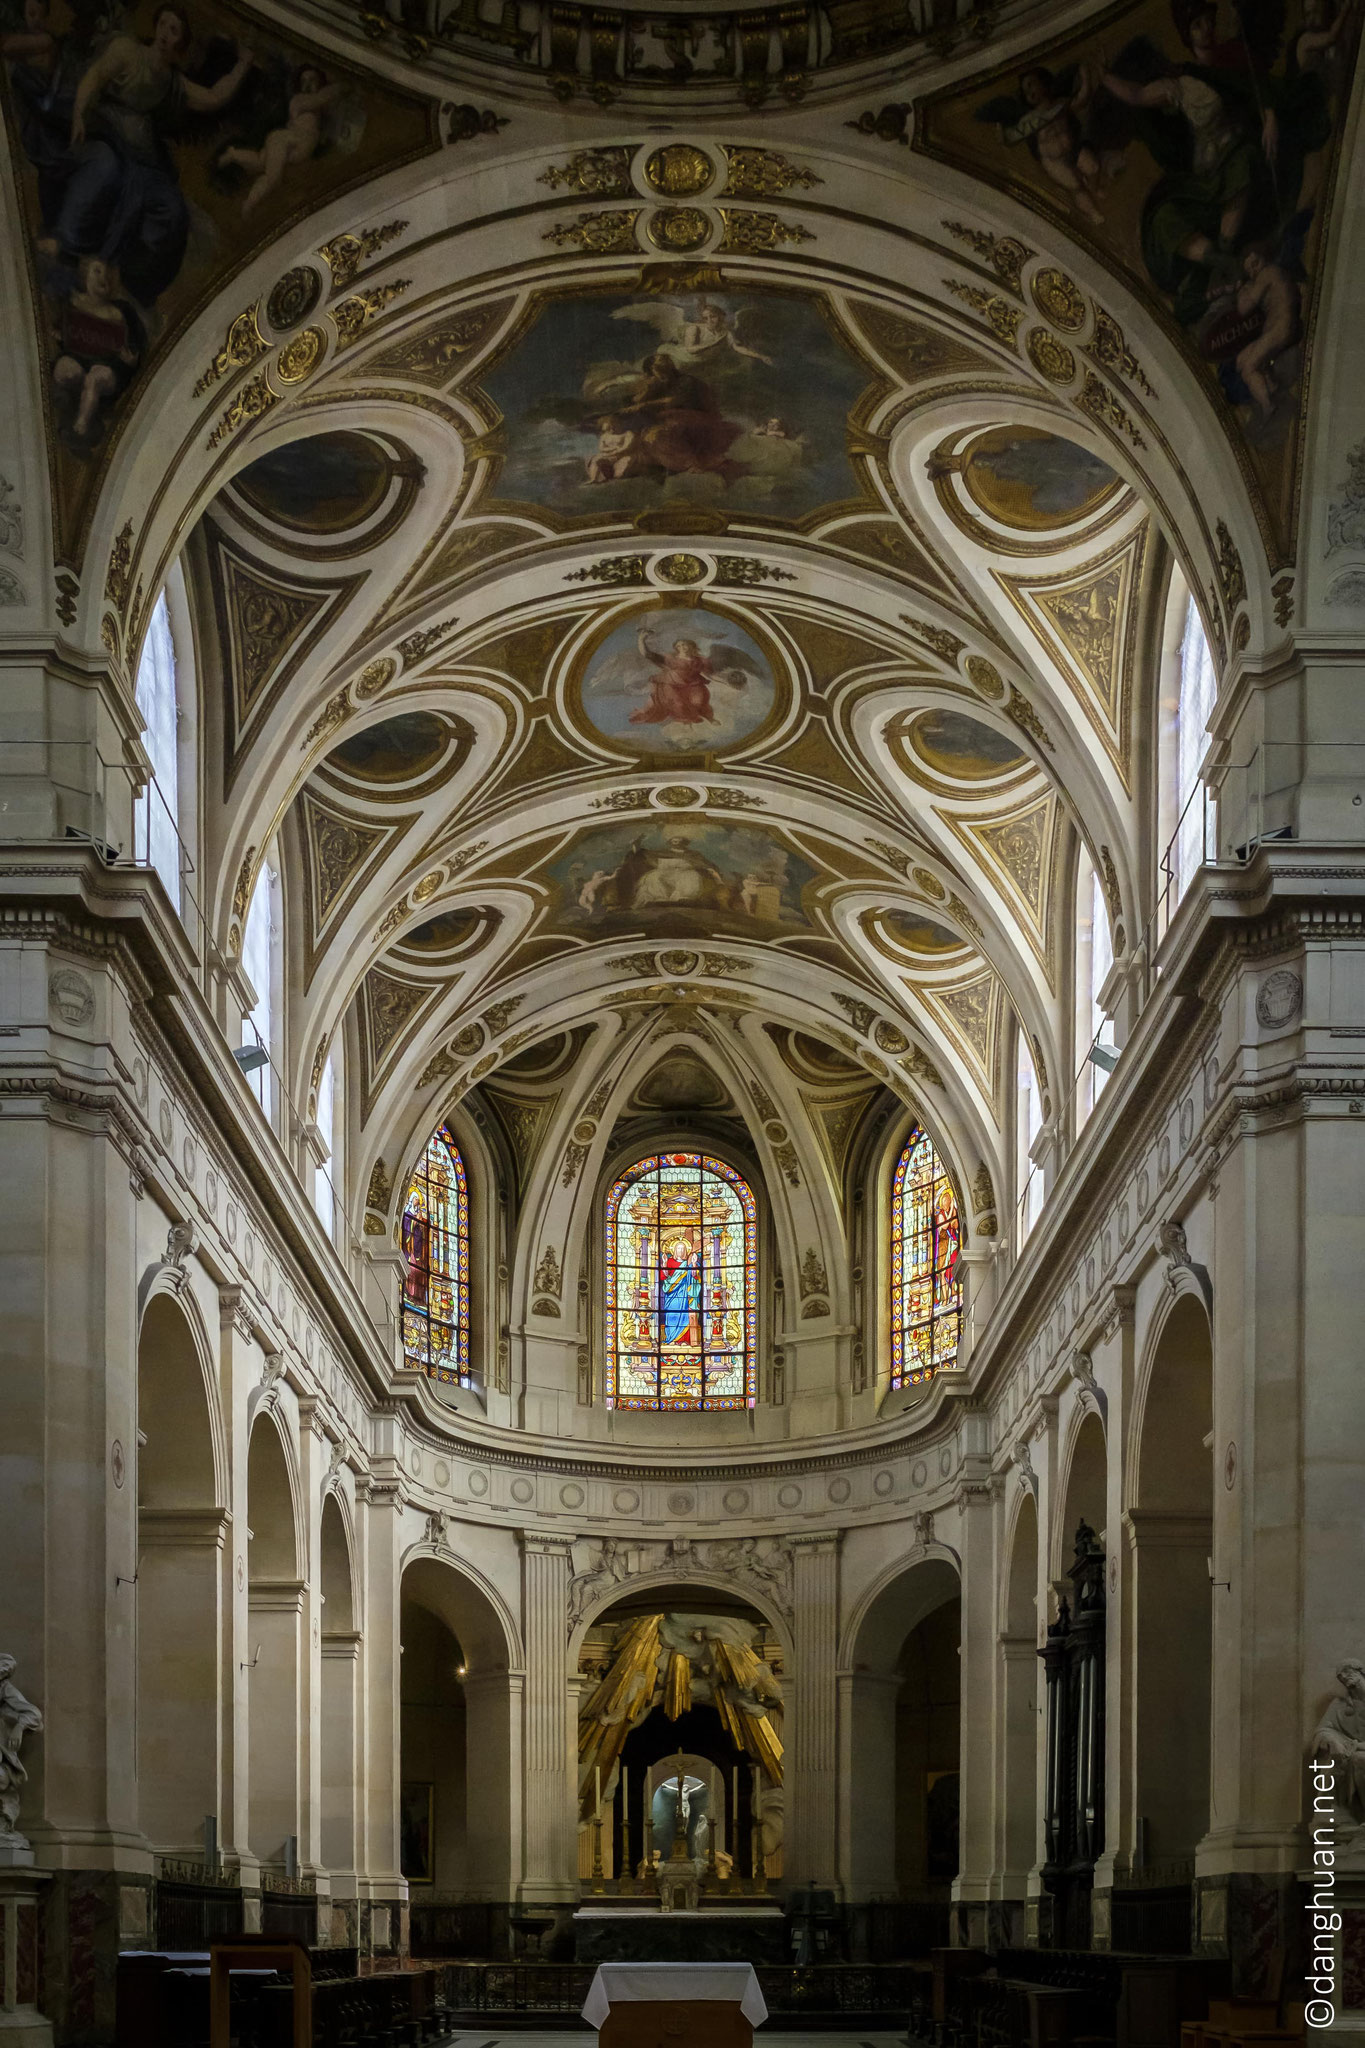 Paroisse St Roch - ...Saint-Roch a conservé une allure imposante et un splendide décor